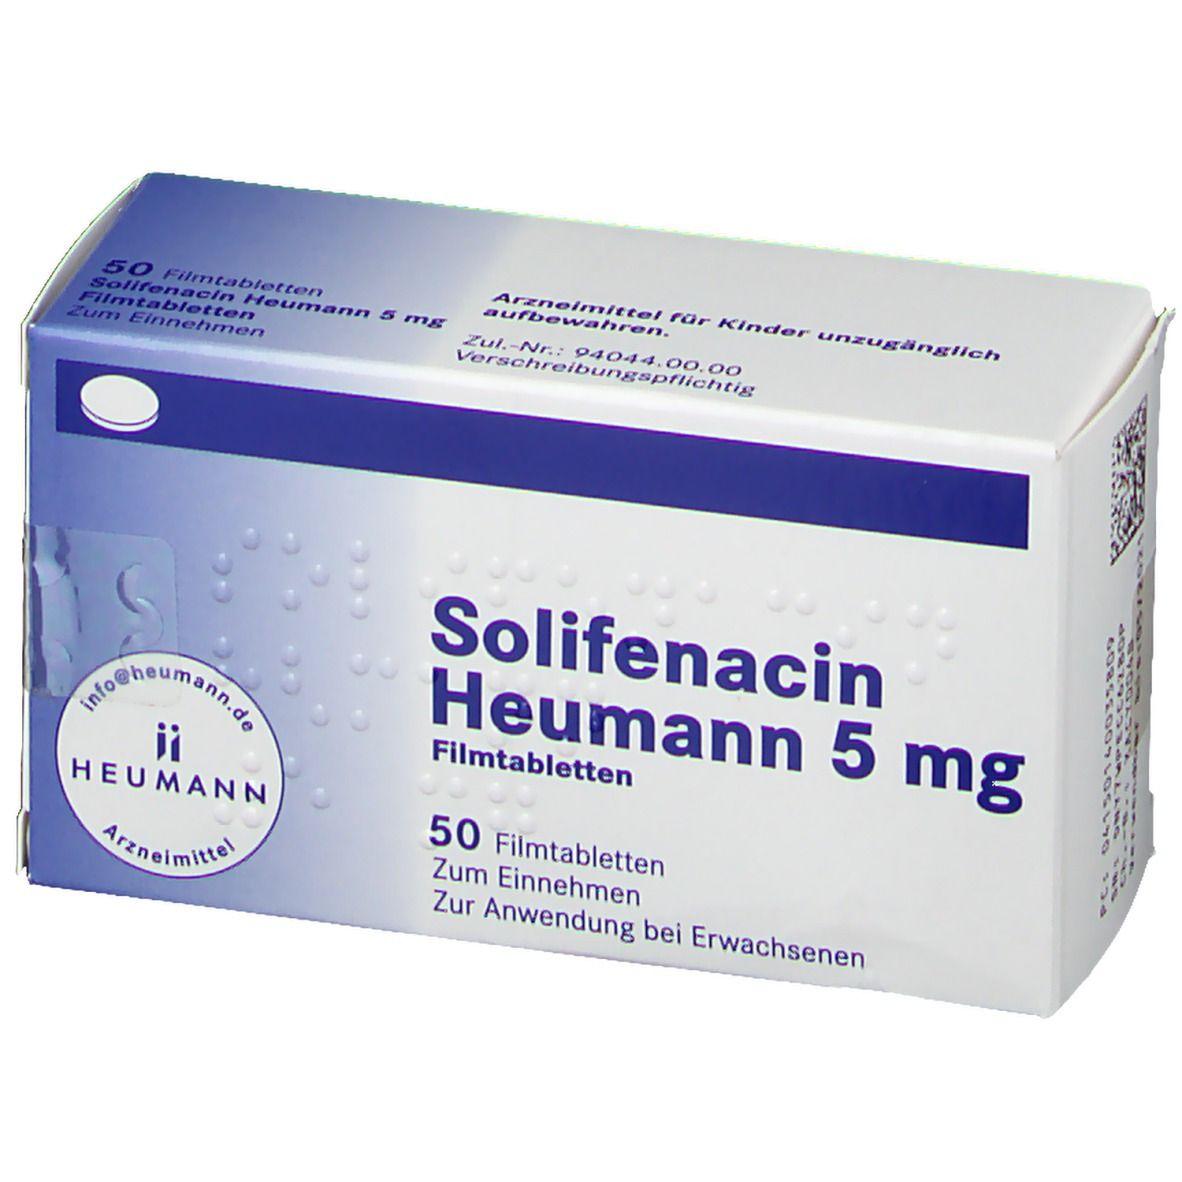 SOLIFENACIN Heumann 5 mg Filmtabletten